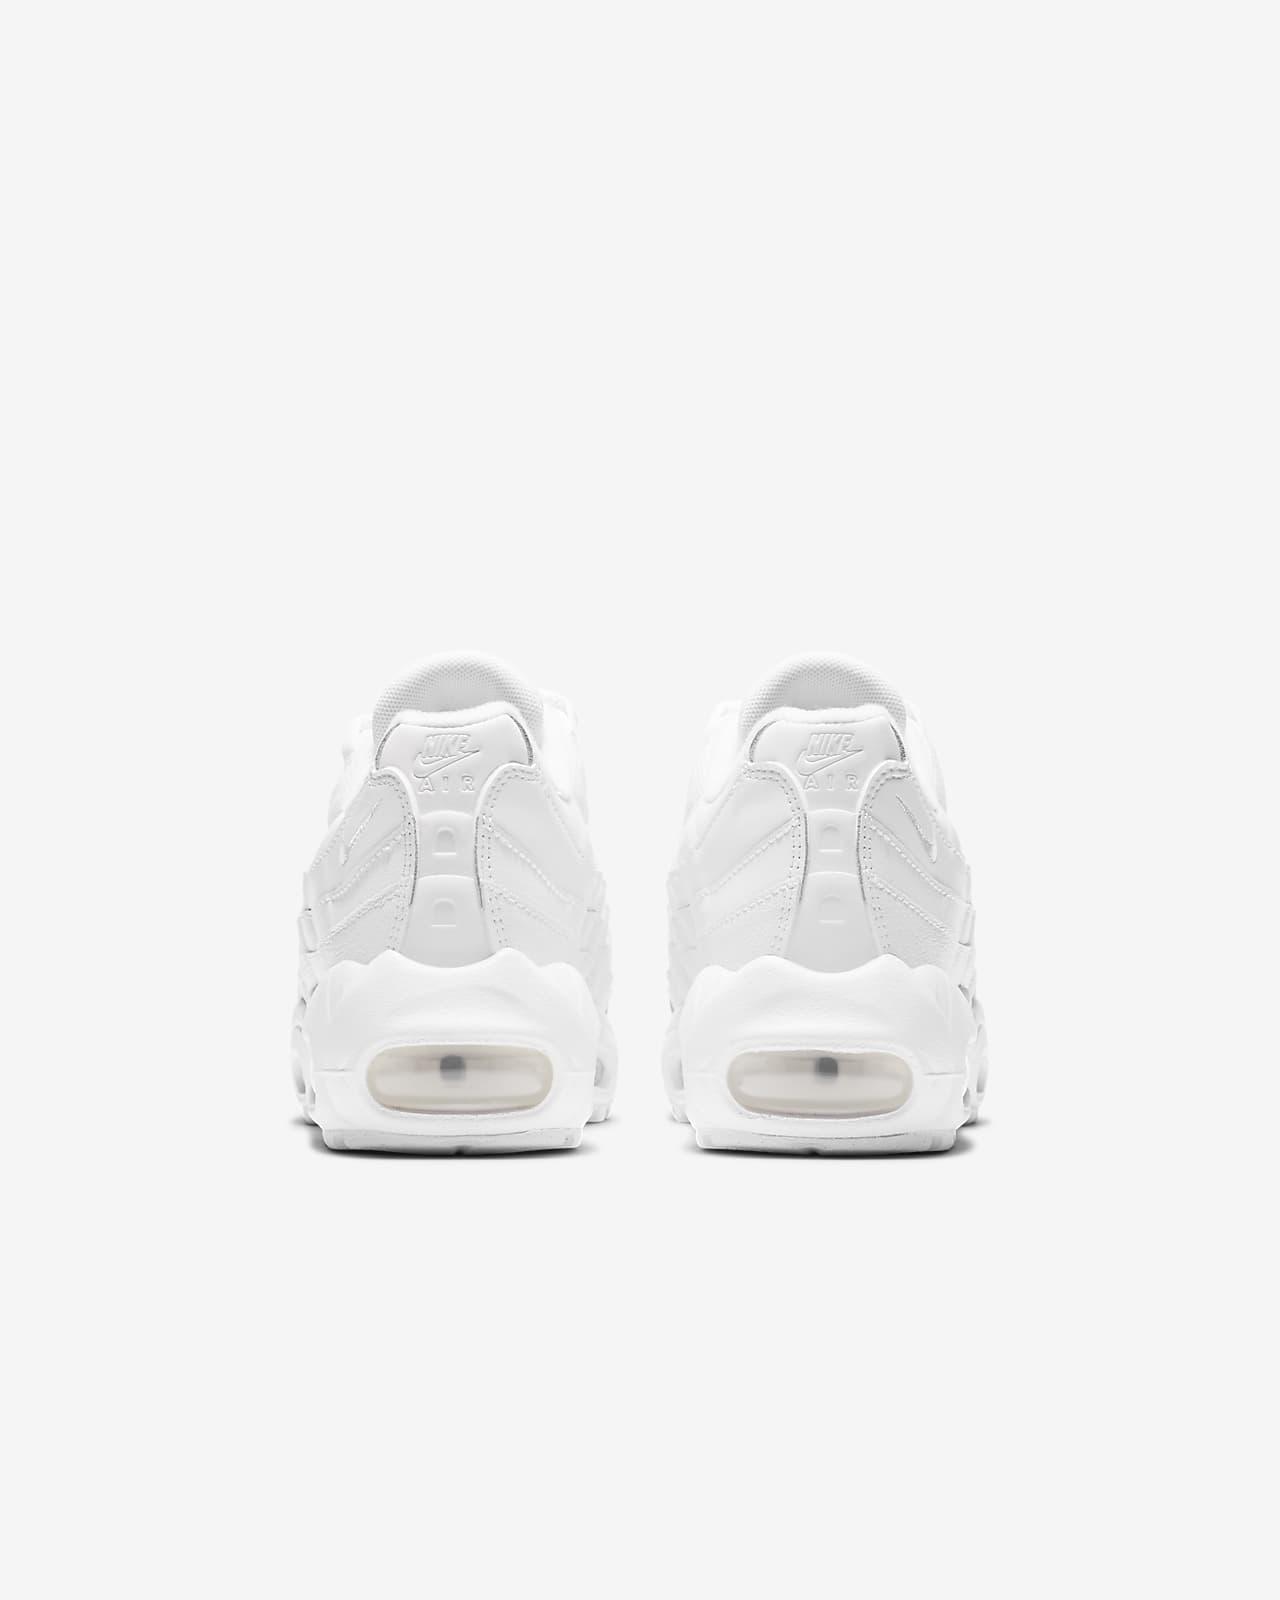 air max nike chaussures enfants 95